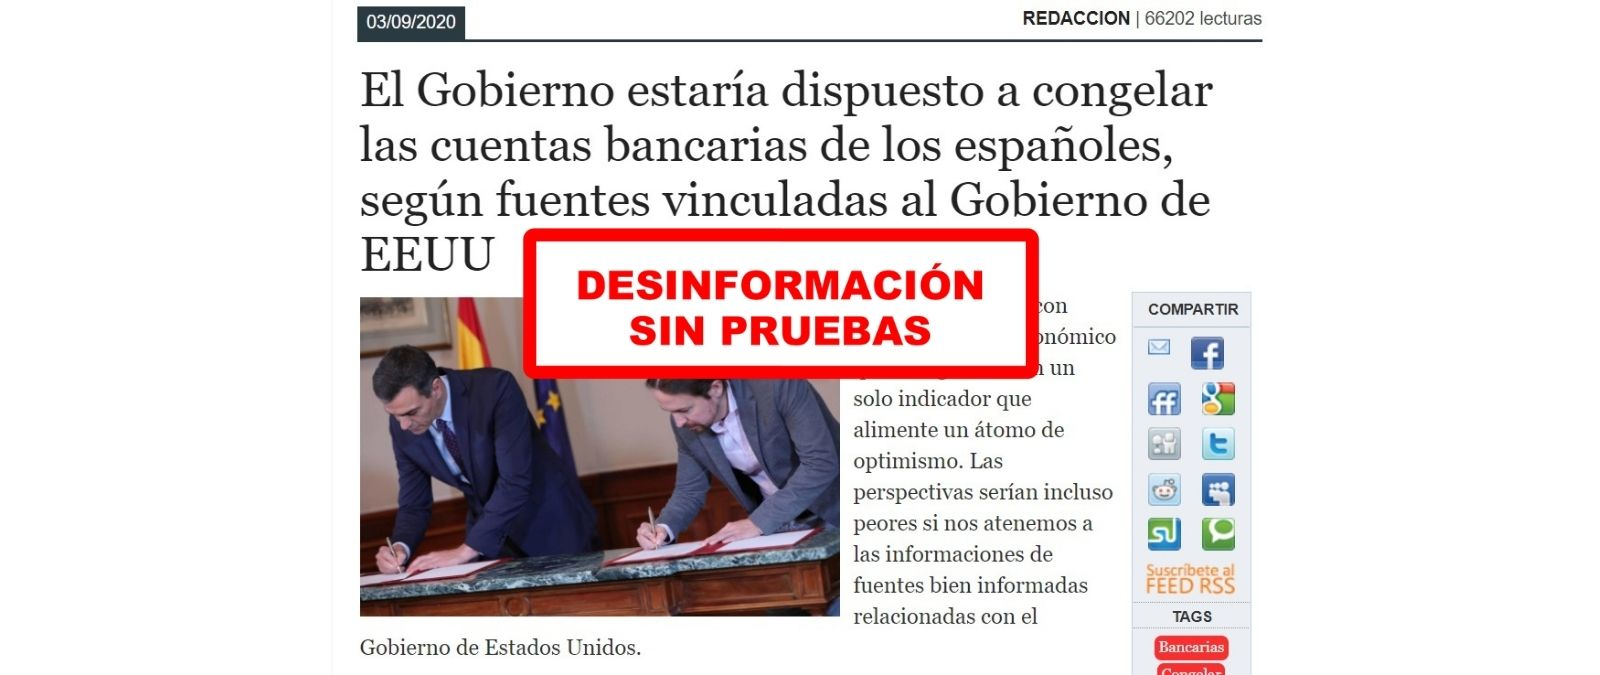 No hay pruebas de que el gobierno esté dispuesto a congelar las cuentas bancarias de los españoles. OMG.